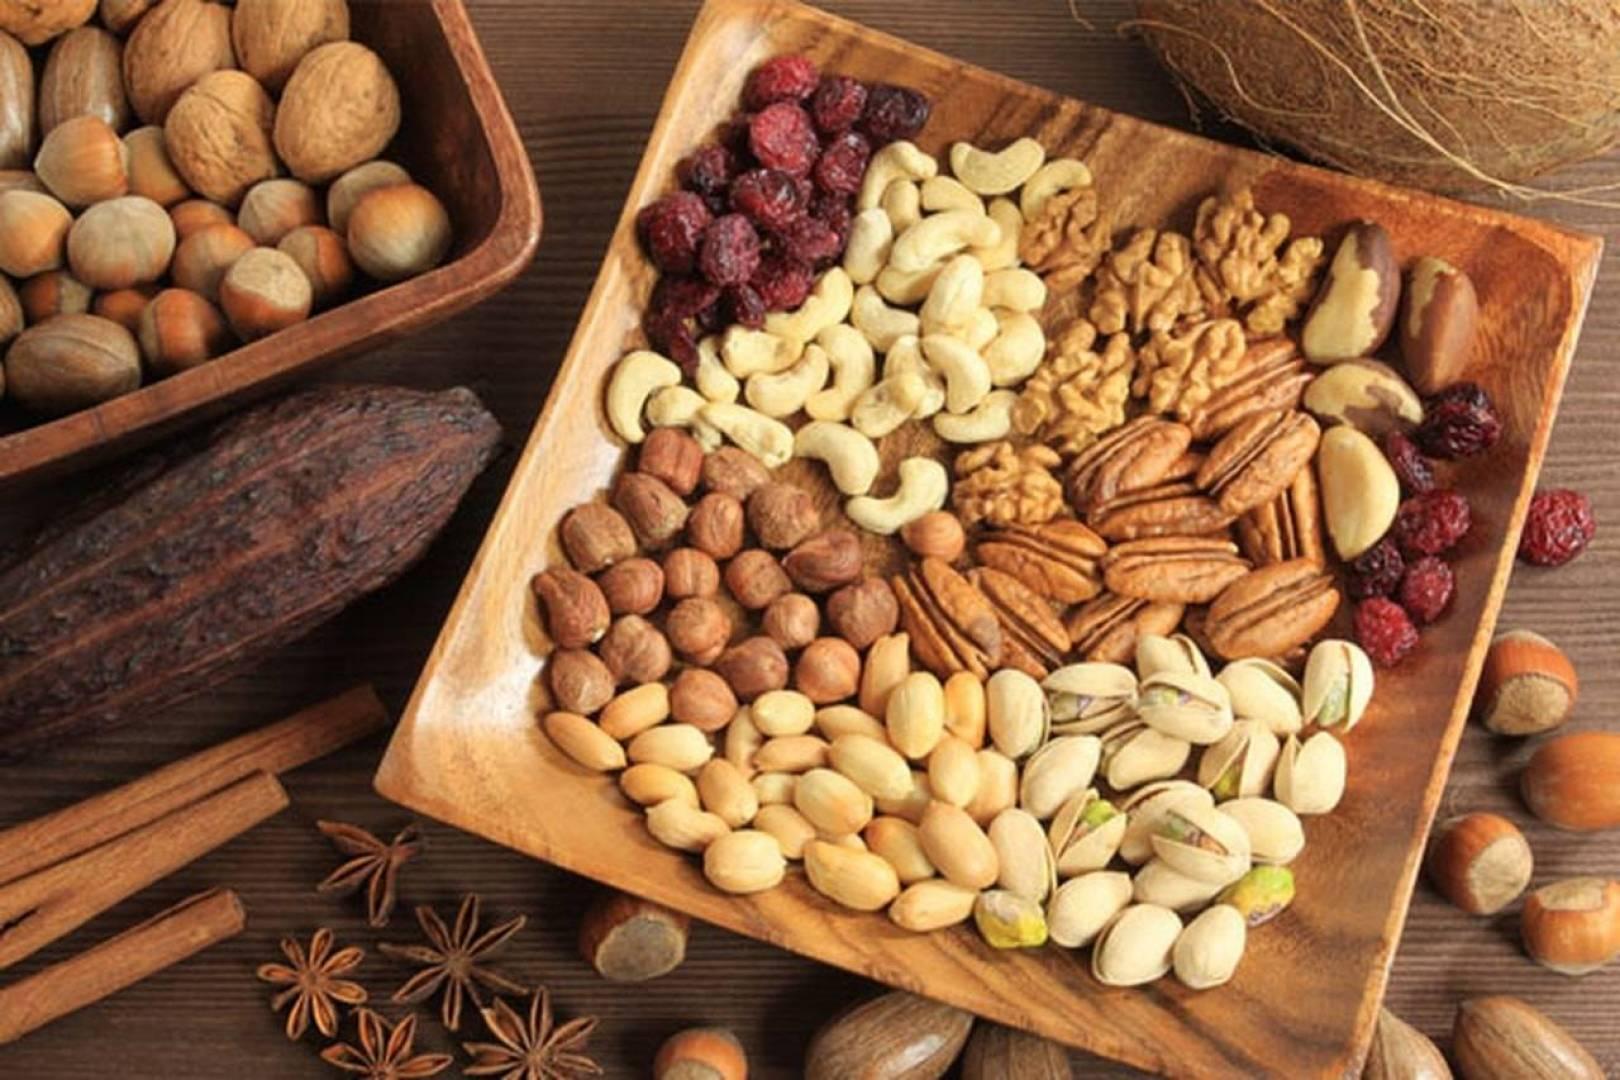 دراسة : تناول حصة يومية من المكسرات يحد من زيادة الوزن